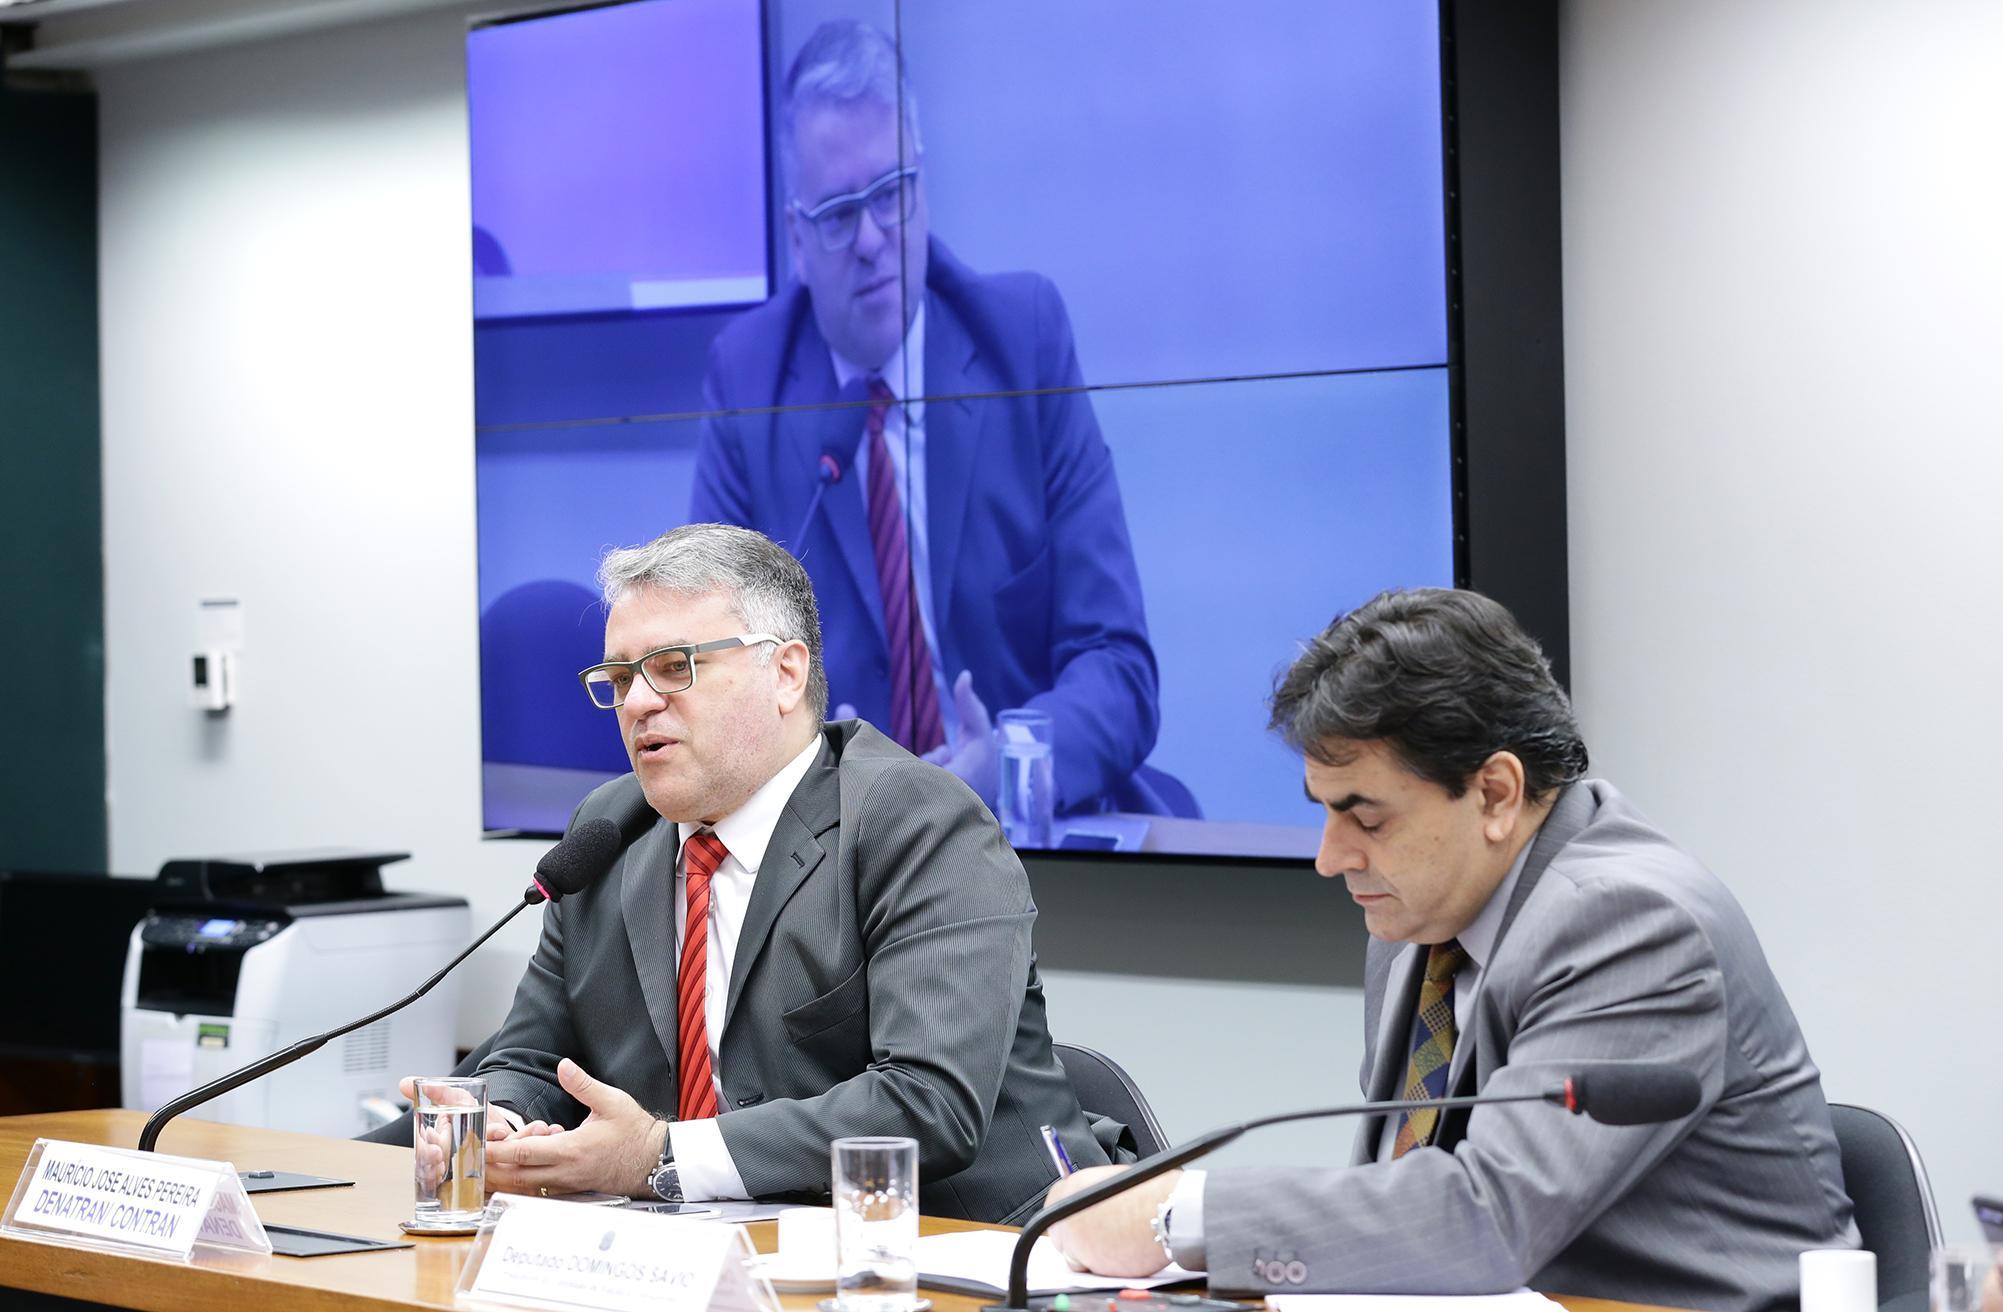 Audiência Pública sobre a implantação, no Brasil, da Patente MERCOSUL de que tratam a Resolução GMC nº 33/14 e a Resolução CONTRAN nº 729/2018